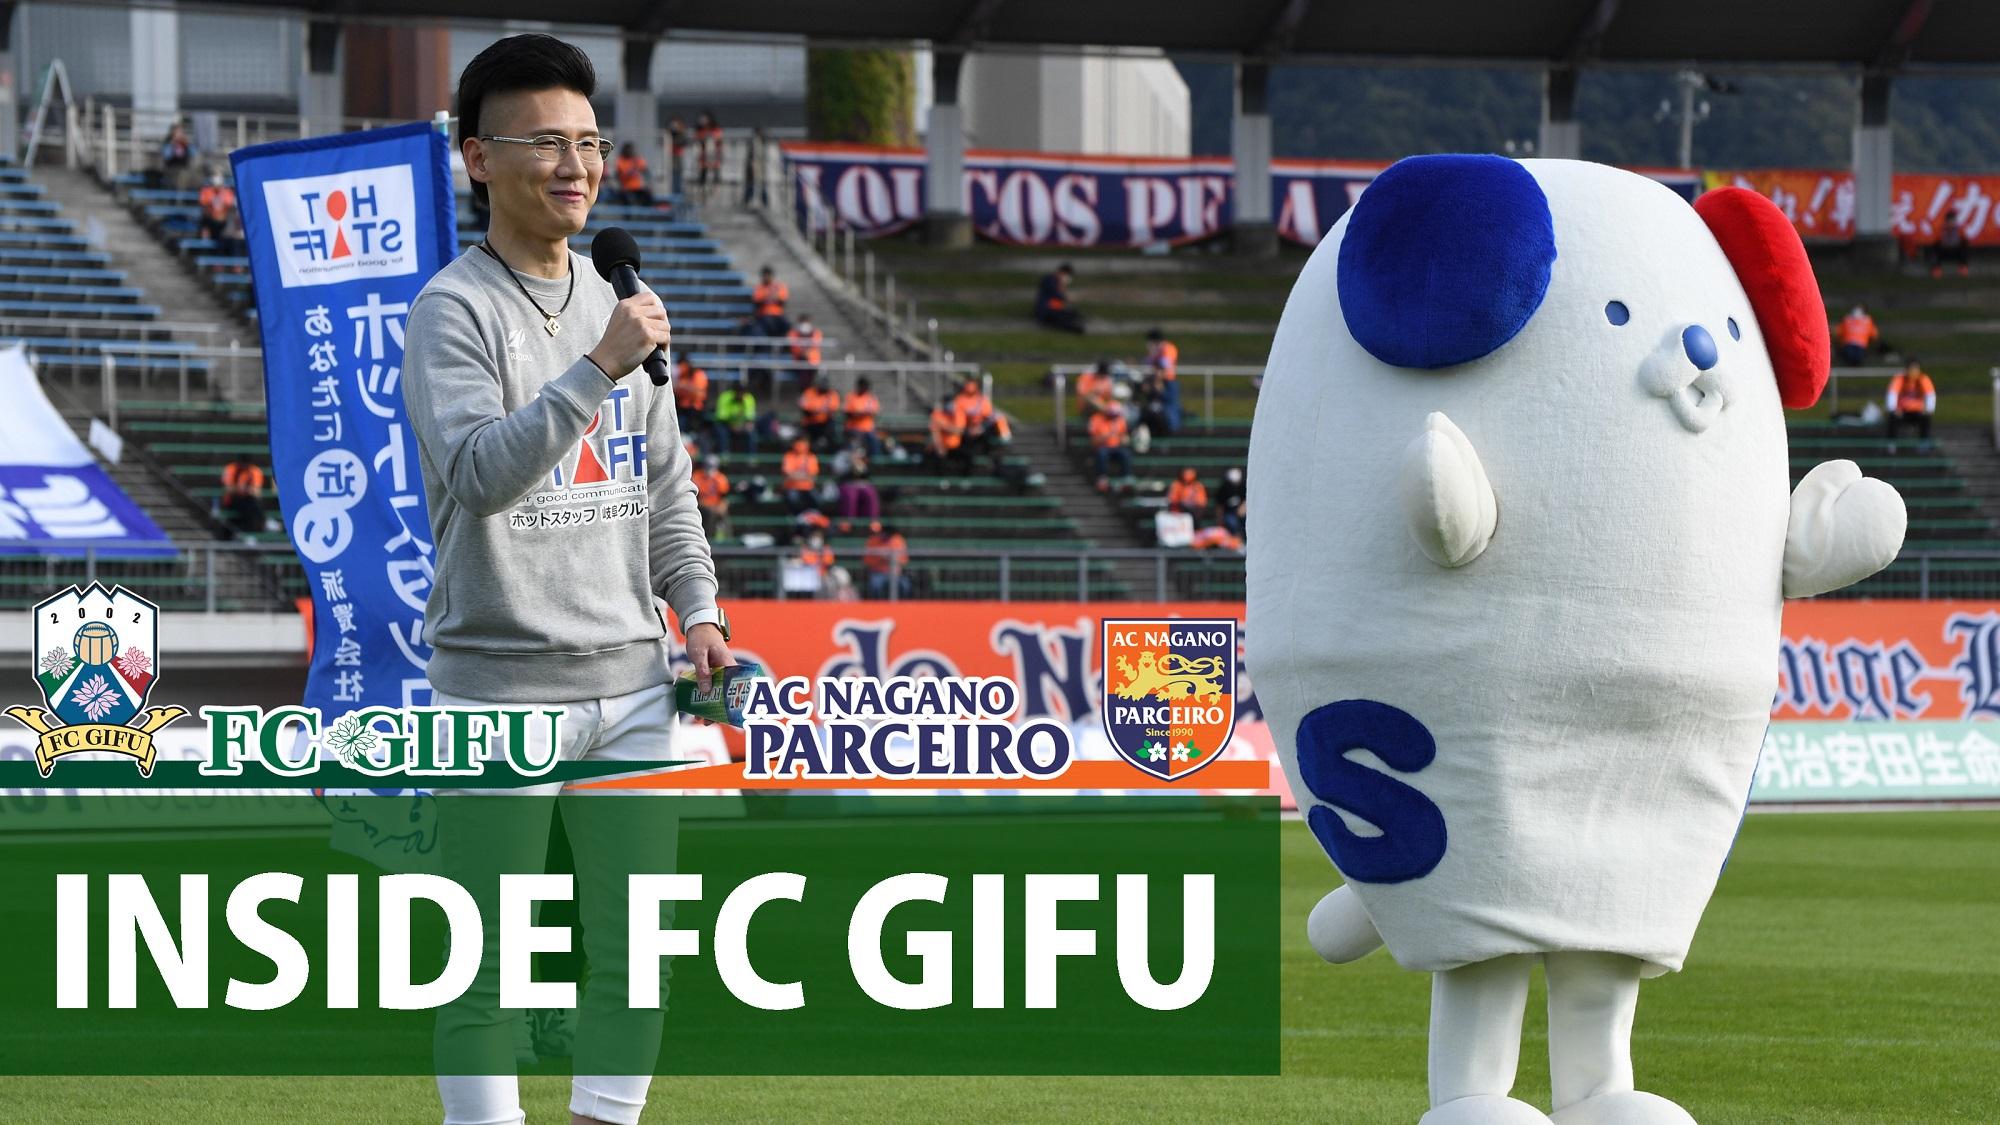 FC岐阜vsAC長野パルセイロのクラブオリジナルハイライトです!